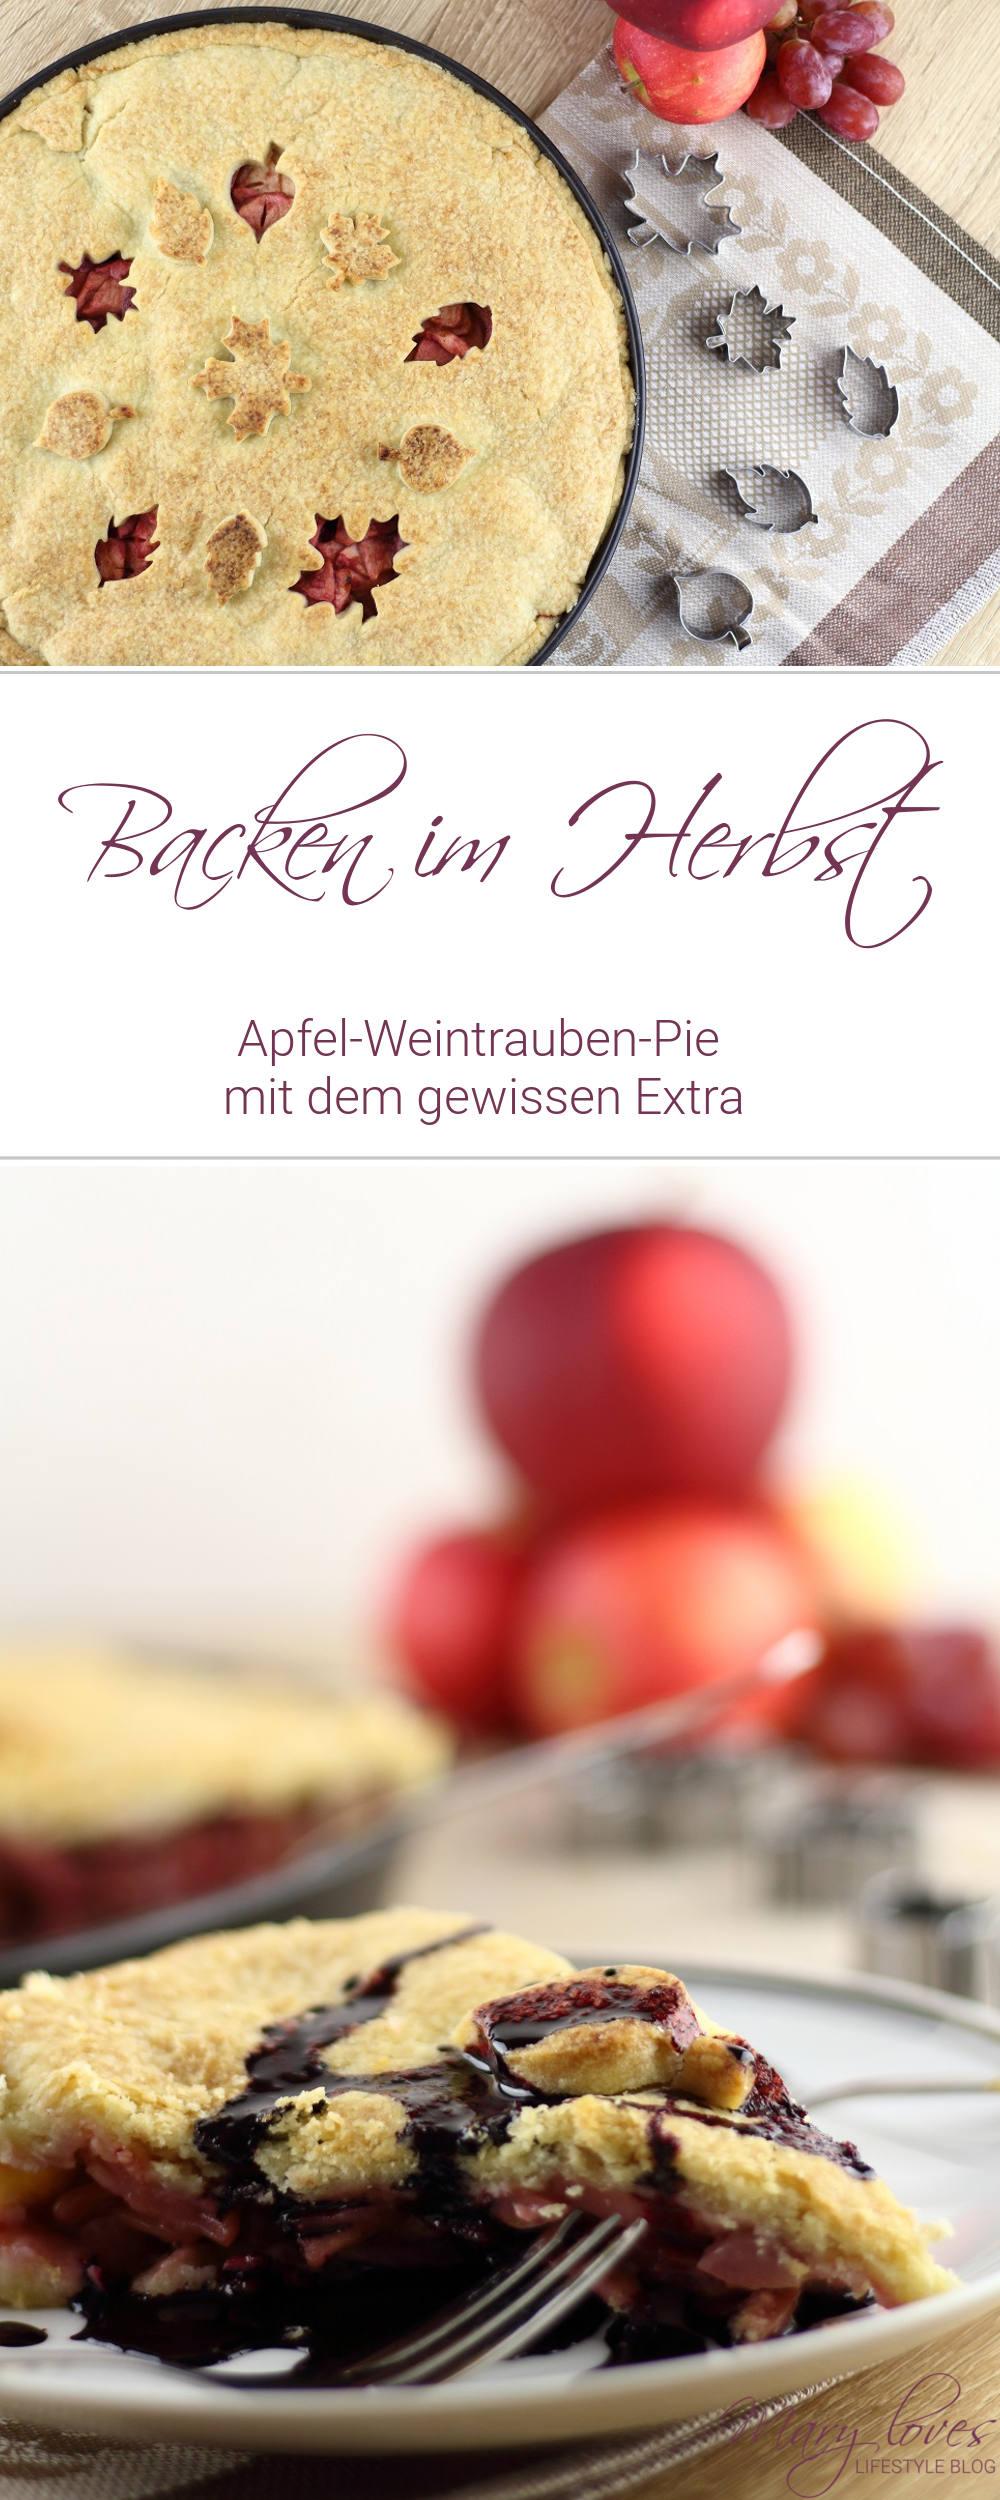 [Anzeige] Backen im Herbst - Apfel-Weintrauben-Pie mit dem gewissen Extra von Eat a Rainbow - #apfelweintraubenpie #pie #kuchenrezept #kuchen #eatarainbow